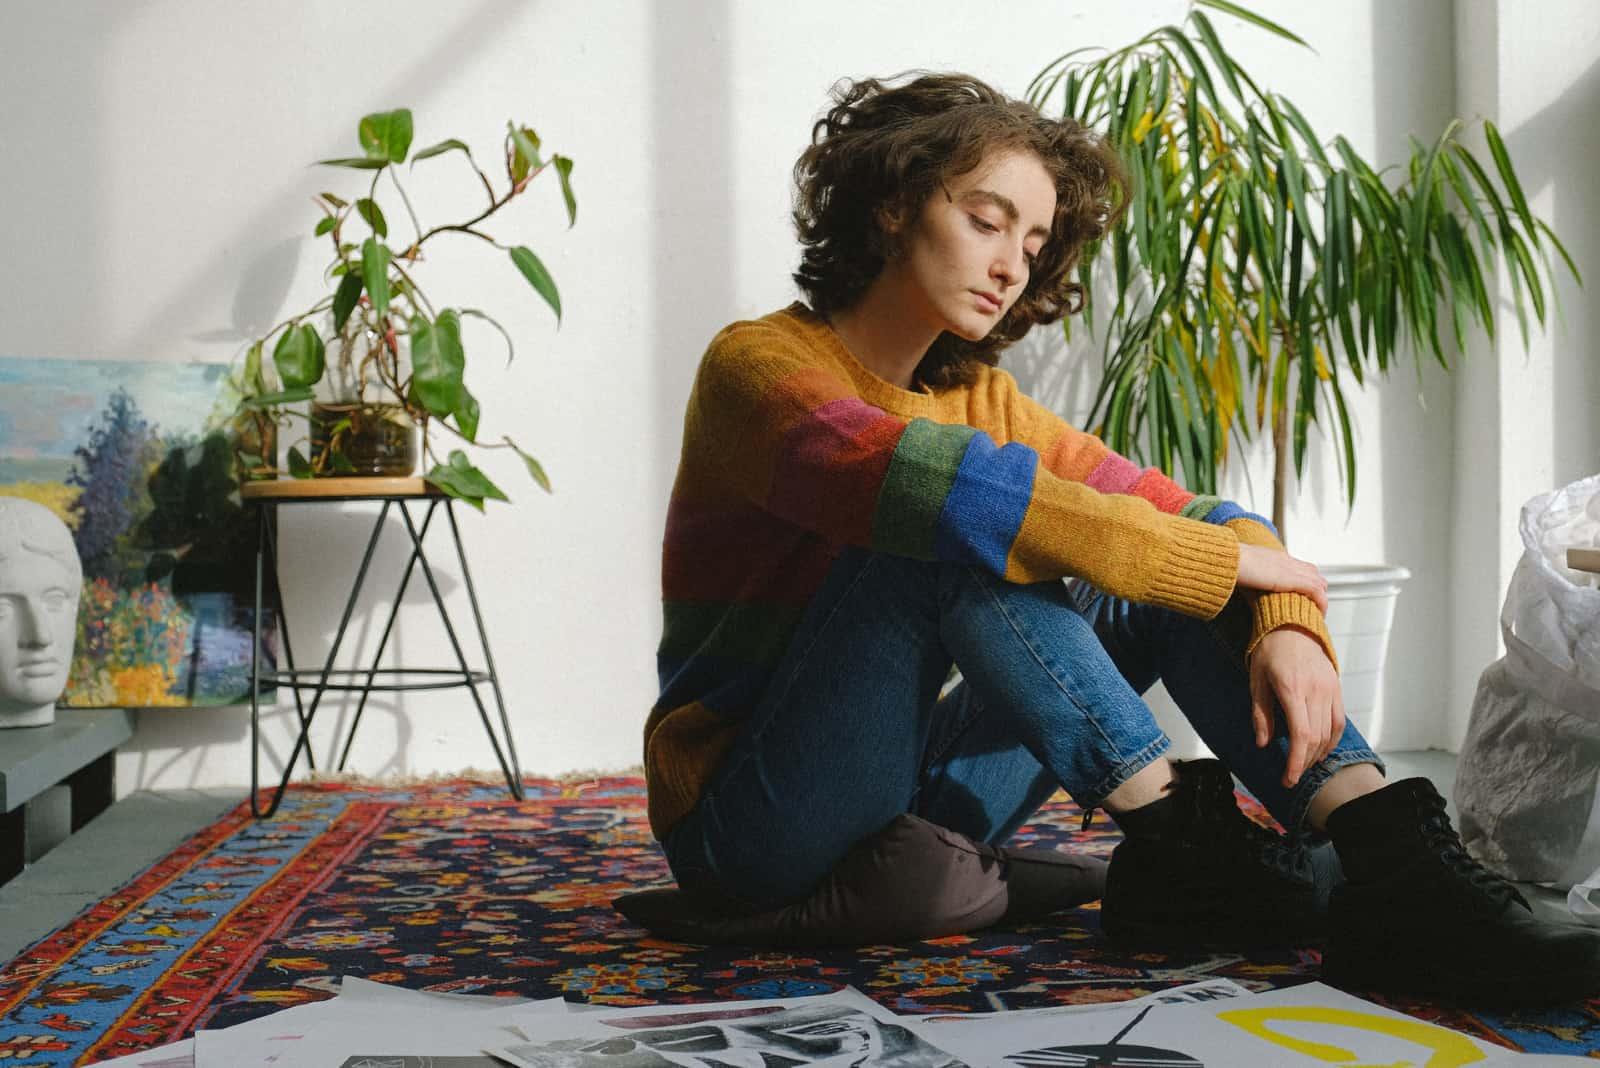 femme triste assise sur le sol près d'une usine